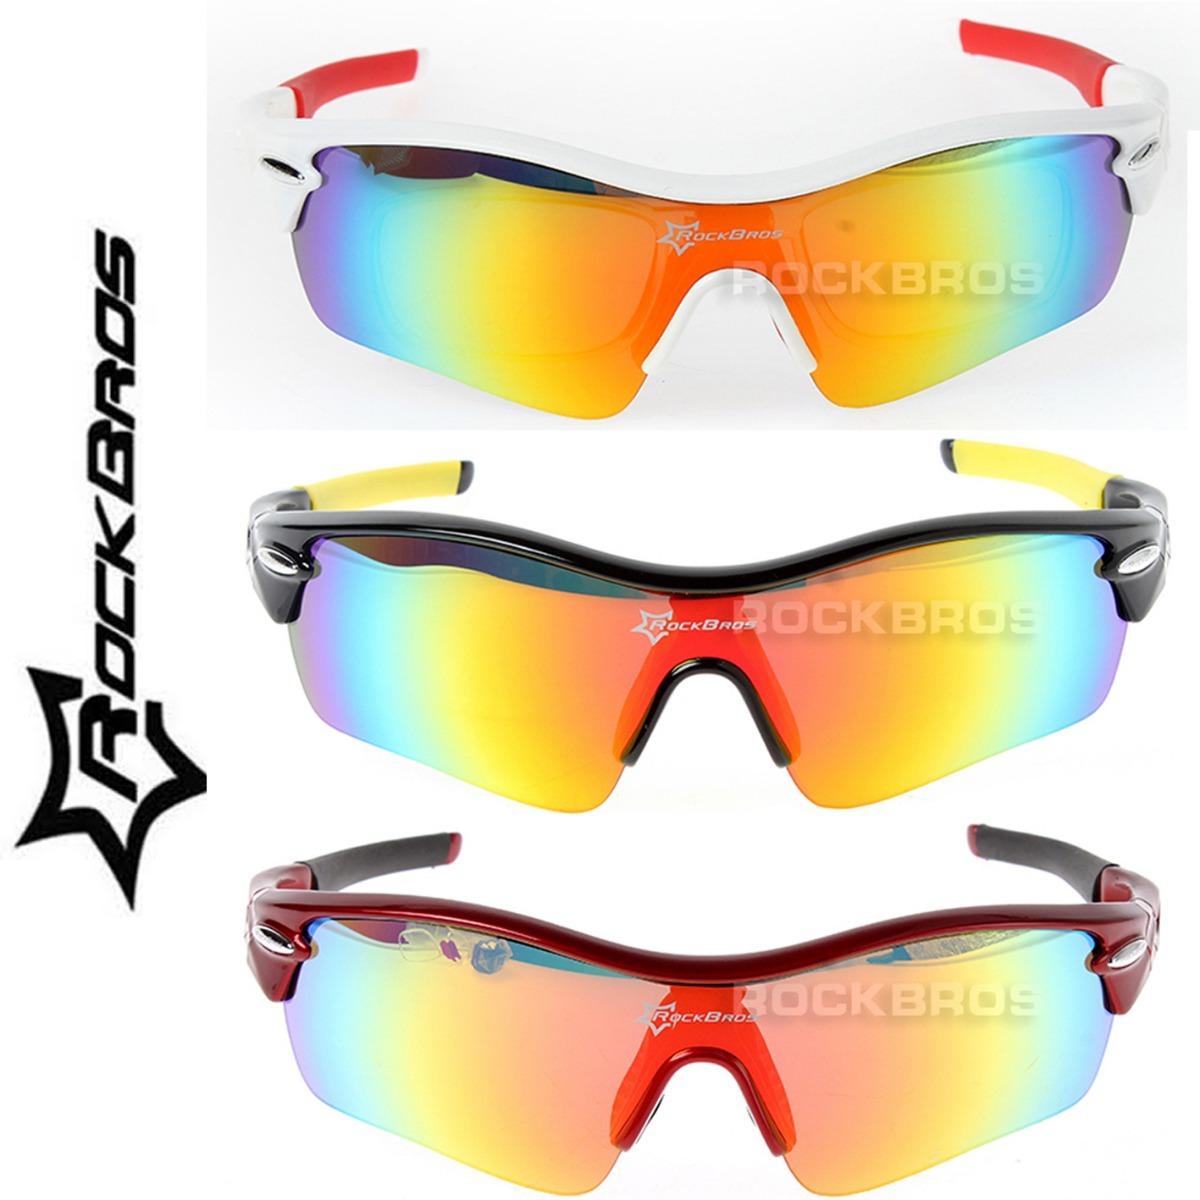 e680ff8da óculos rockbros original polarizado ciclismo 5 lentes uv400. Carregando  zoom.